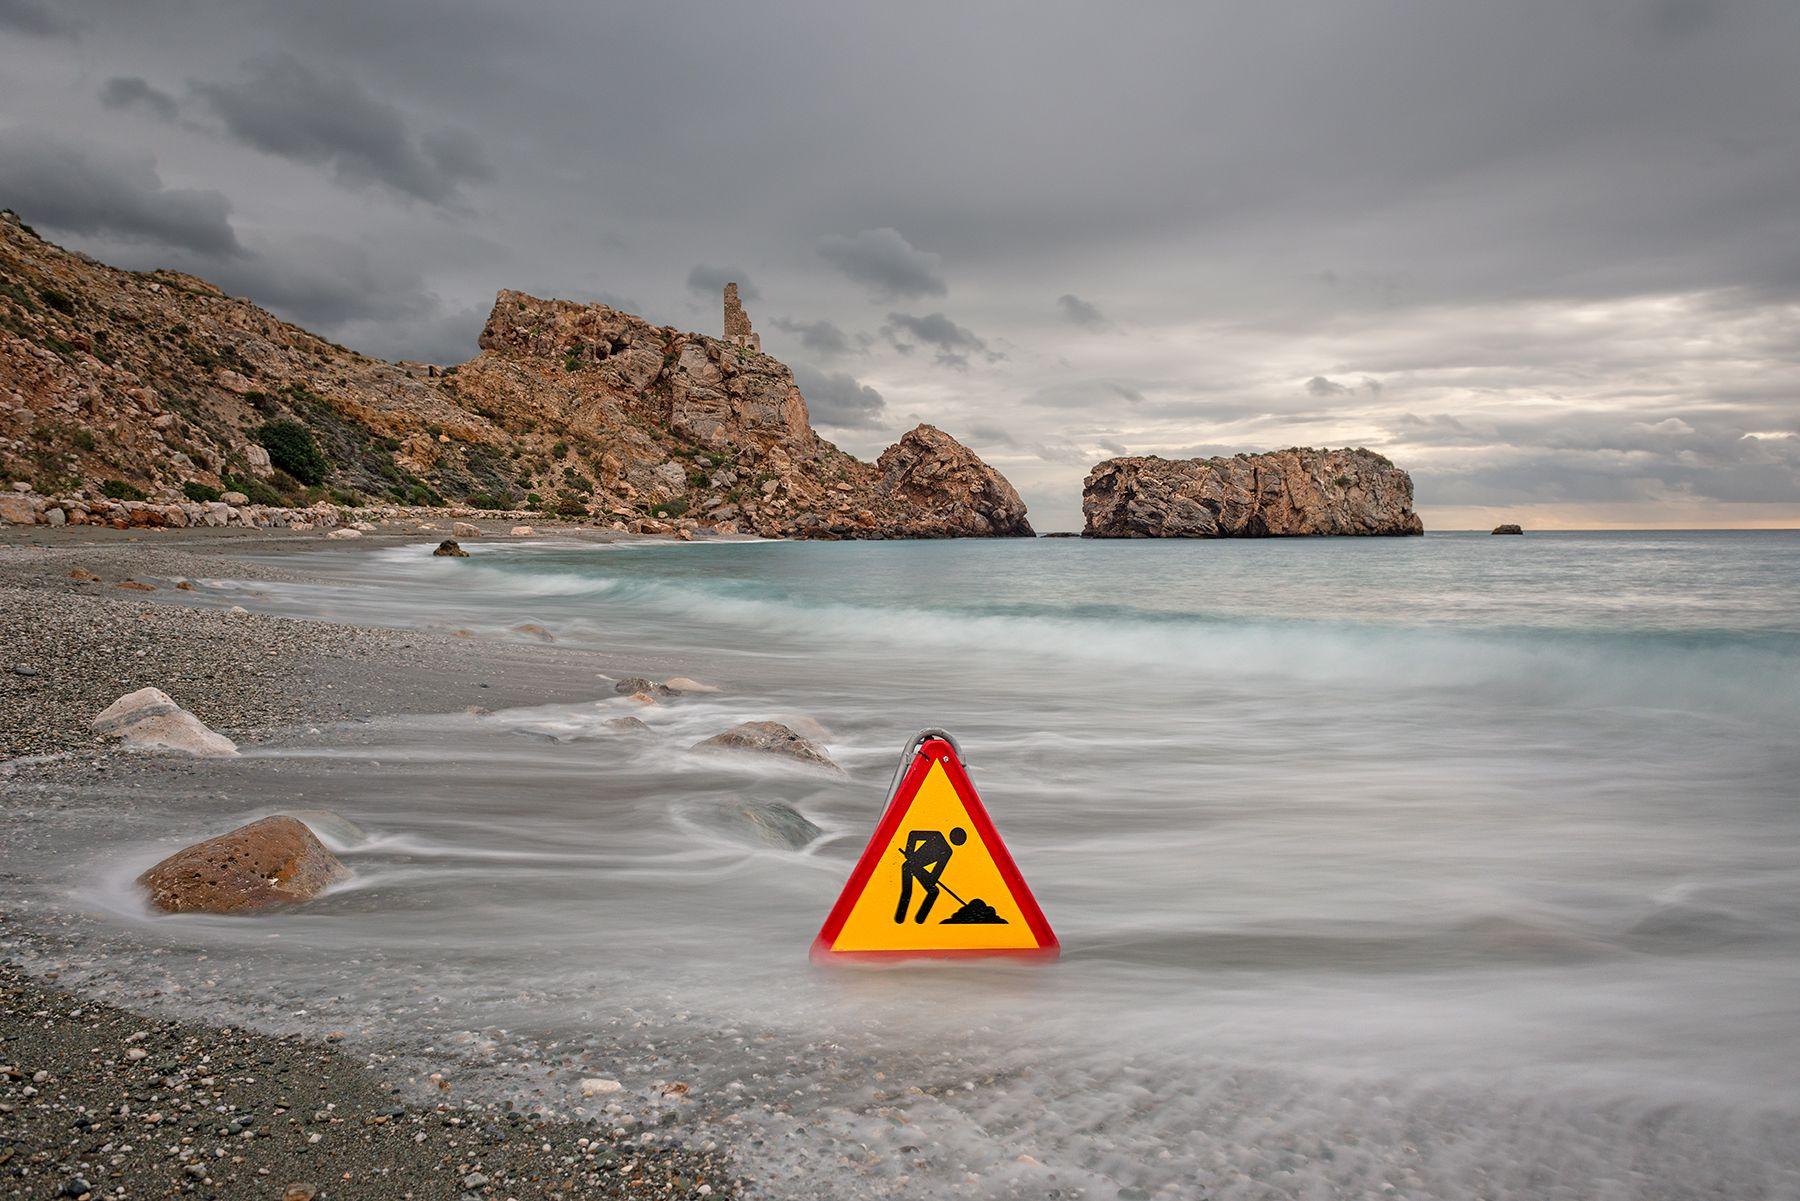 Advertencia de peligro